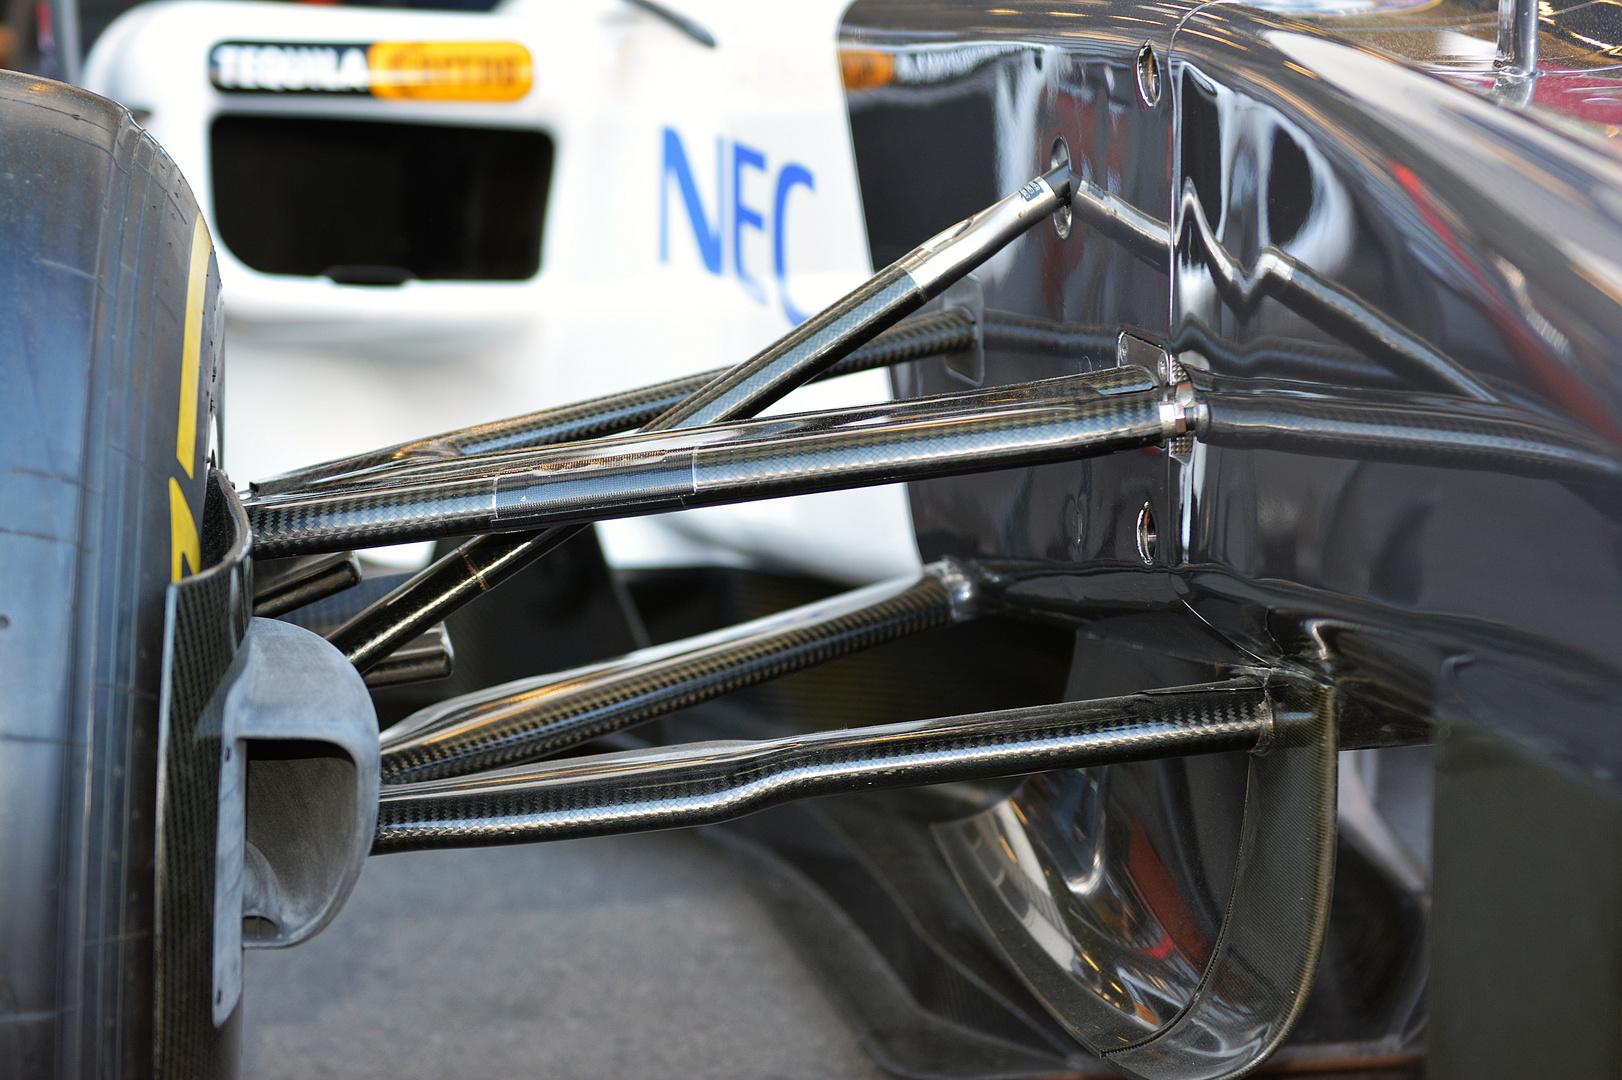 Formel 1 Radaufhängung